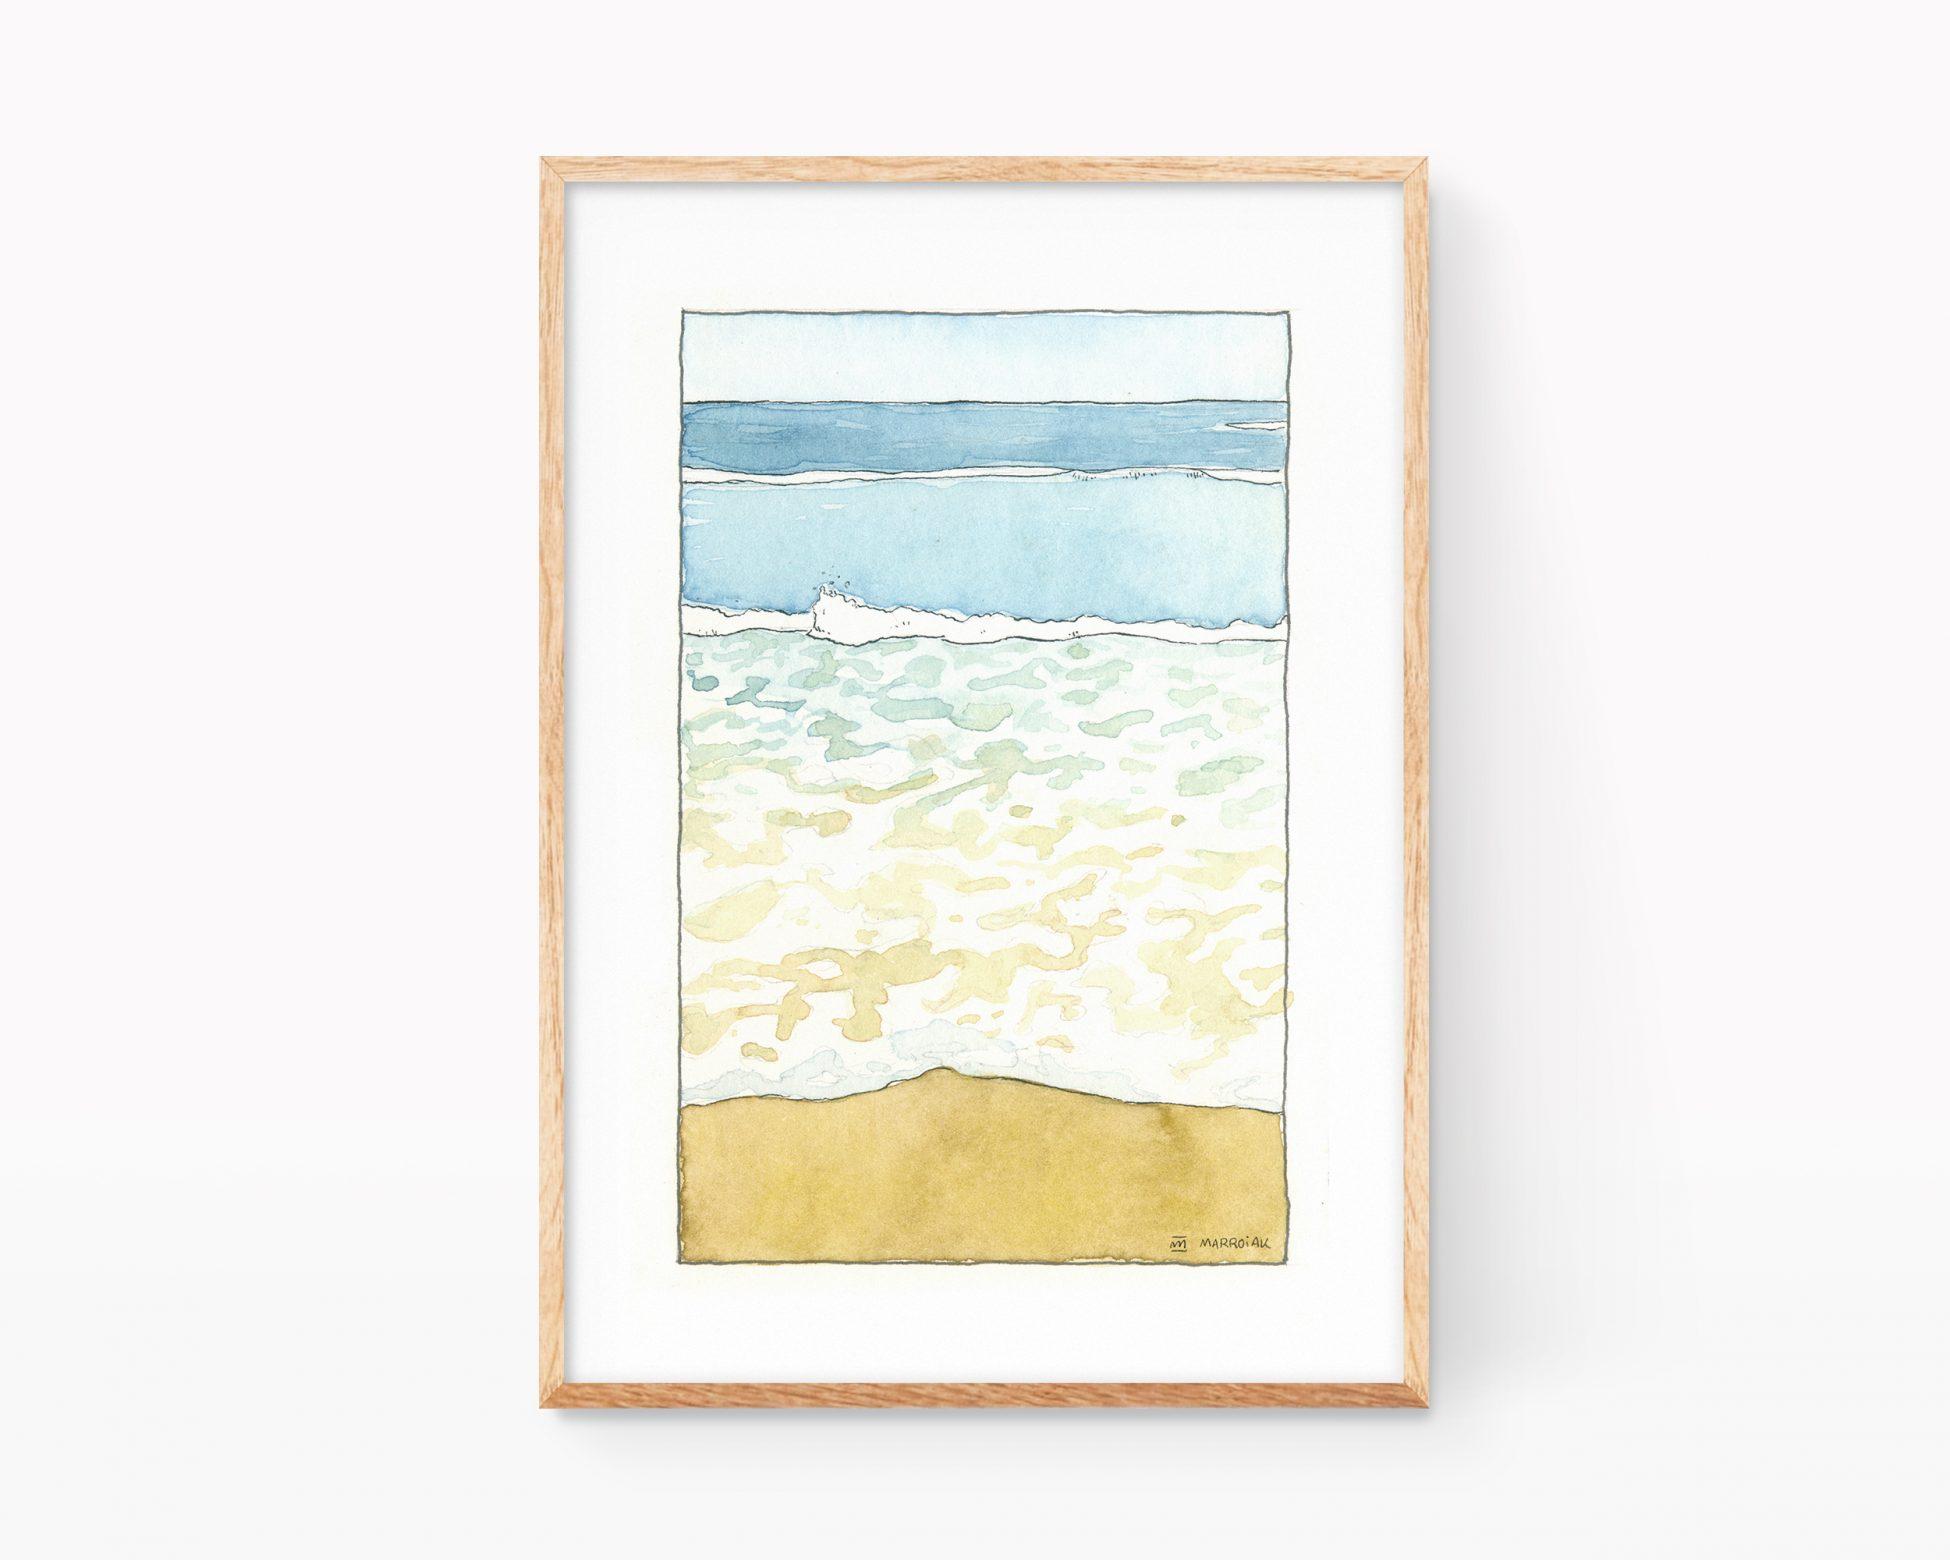 Lámina decorativa con una ilustración de la orilla del mar mediterráneo en estilo cómic.